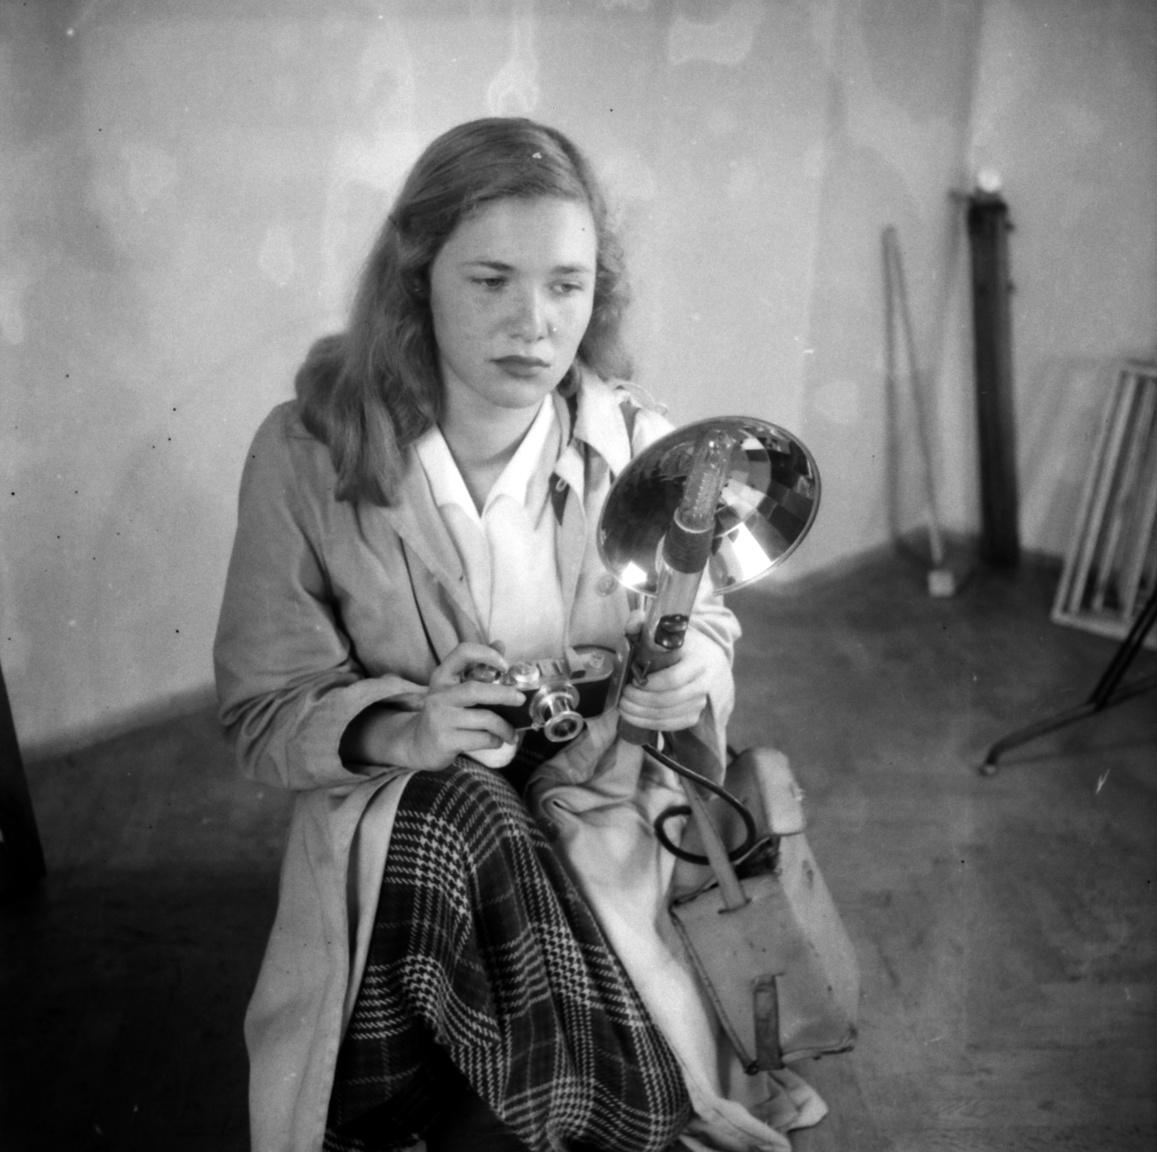 Lóden és Leica, Szenczi Mária 1955-benEzekben az években több fotókiállításon vett részt: nemzetközin és országoson, külföldin és magyaron. De a képek adományozója, vagyis Szenczi Mária fia szerint biztos, hogy nem a most következő művészportrékkal. Ezek valószínűleg kedvtelésből, gyakorlásként születtek egy olyan közegben, amelyben a fotós gyerekkora óta otthonosan mozgott.